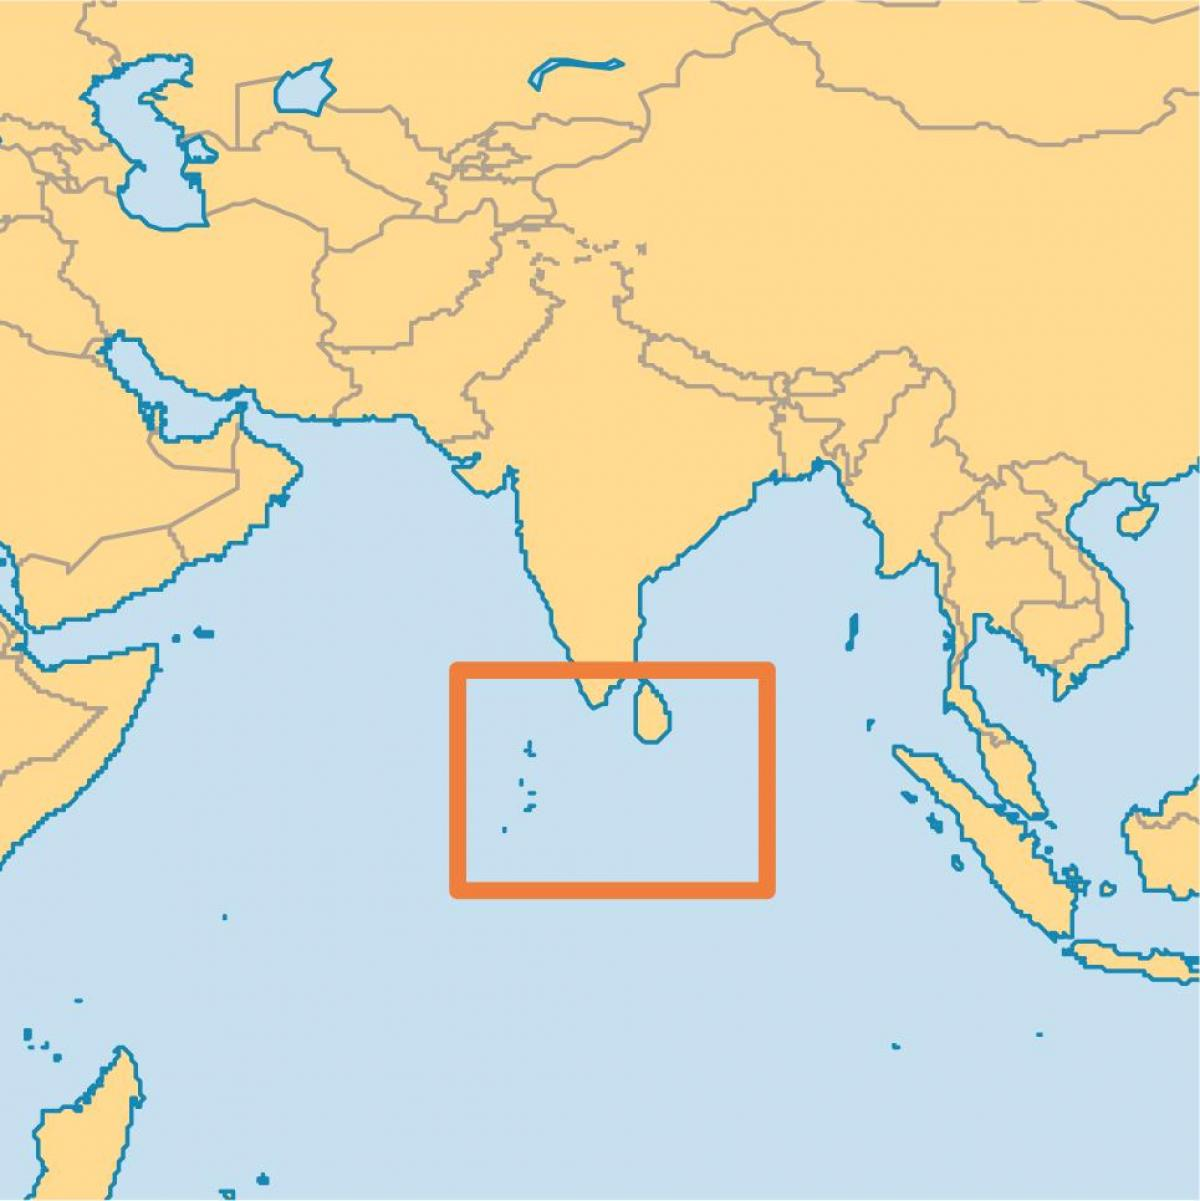 Carte Du Monde Des Maldives Les Iles Maldives Ile Localisation Sur Une Carte Du Monde Asie Du Sud Asie